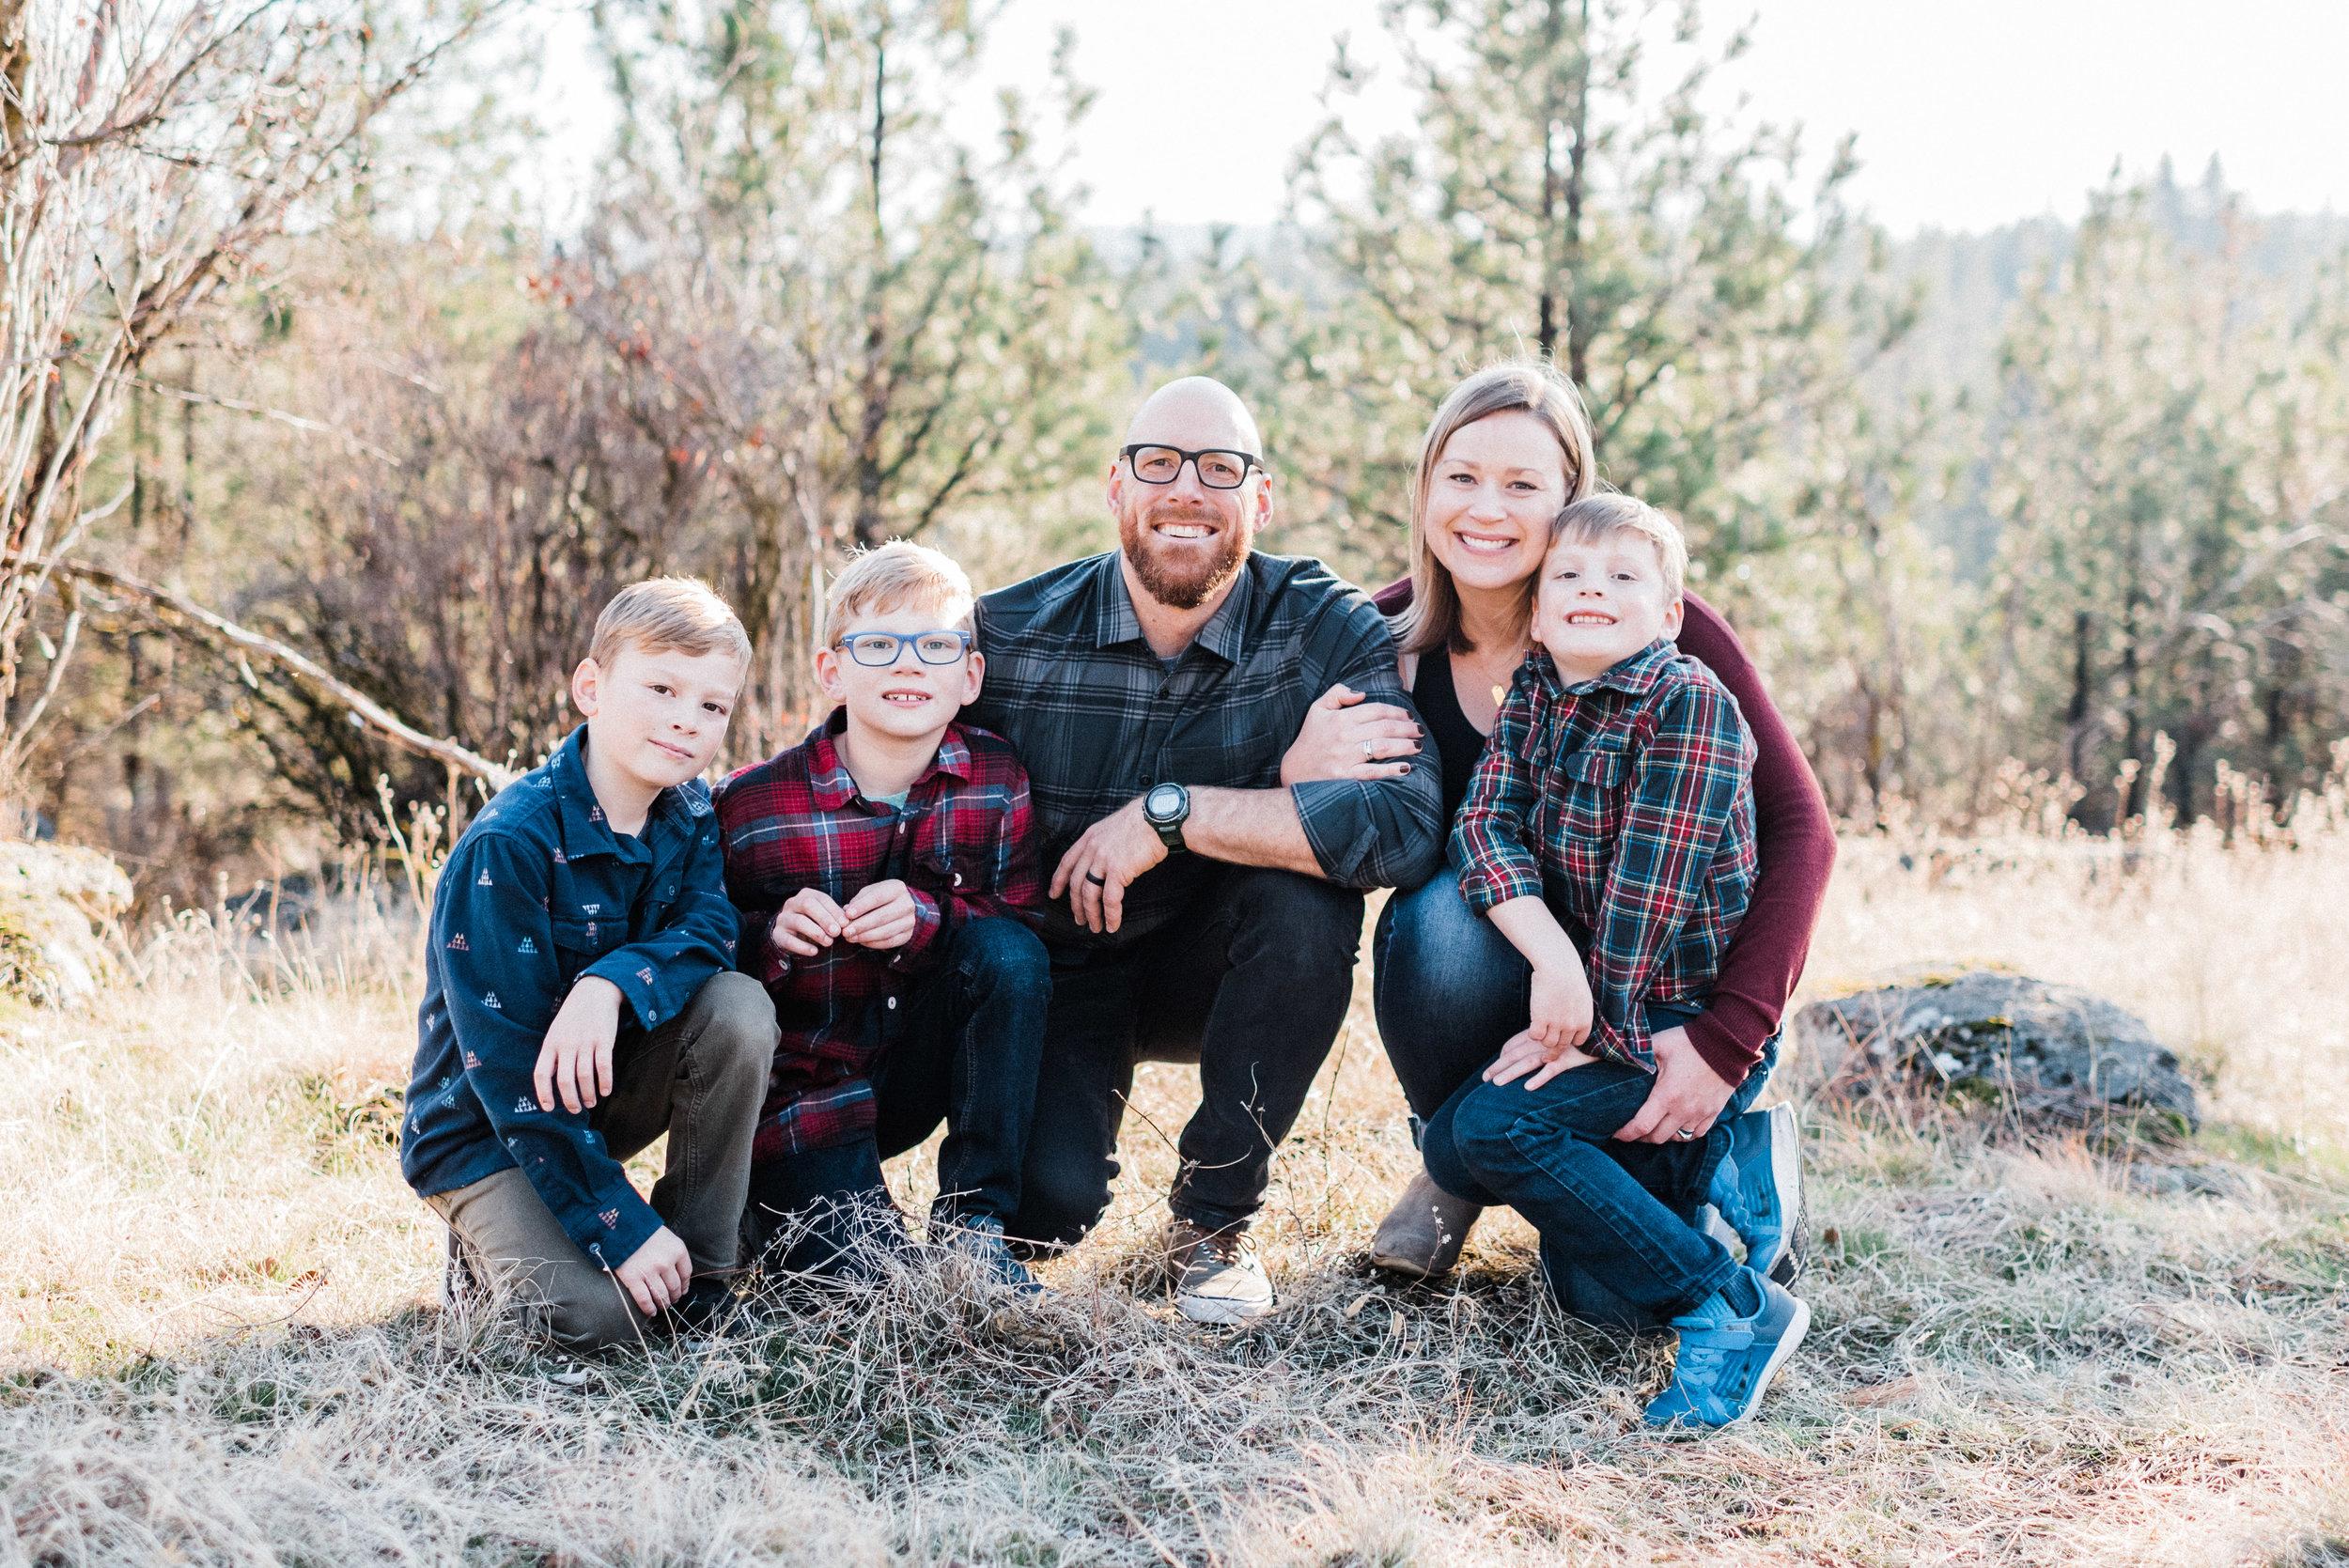 spokane_family_photographer_longmeier (10 of 19).jpg